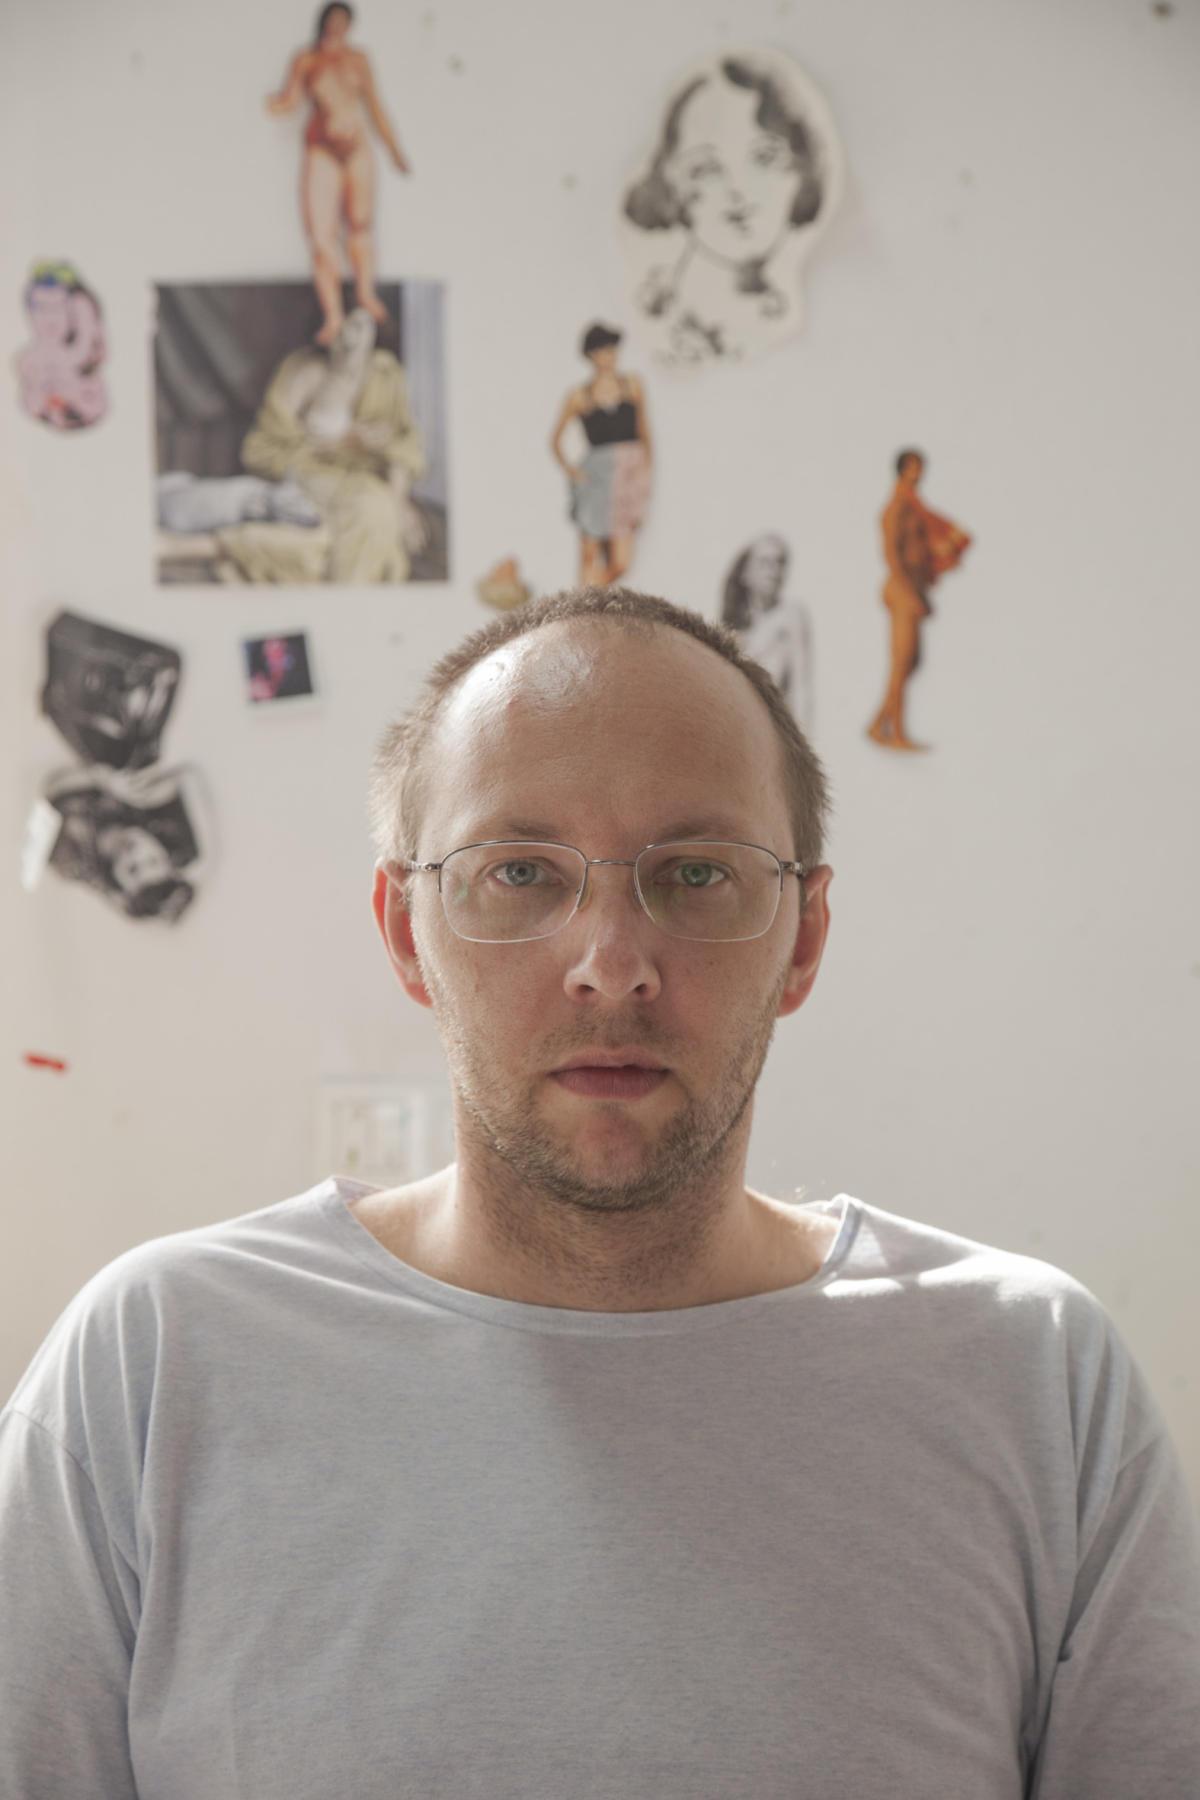 Zawsze chciałem być artystą, alemogę onich tylkopisać: Przemysław Matecki